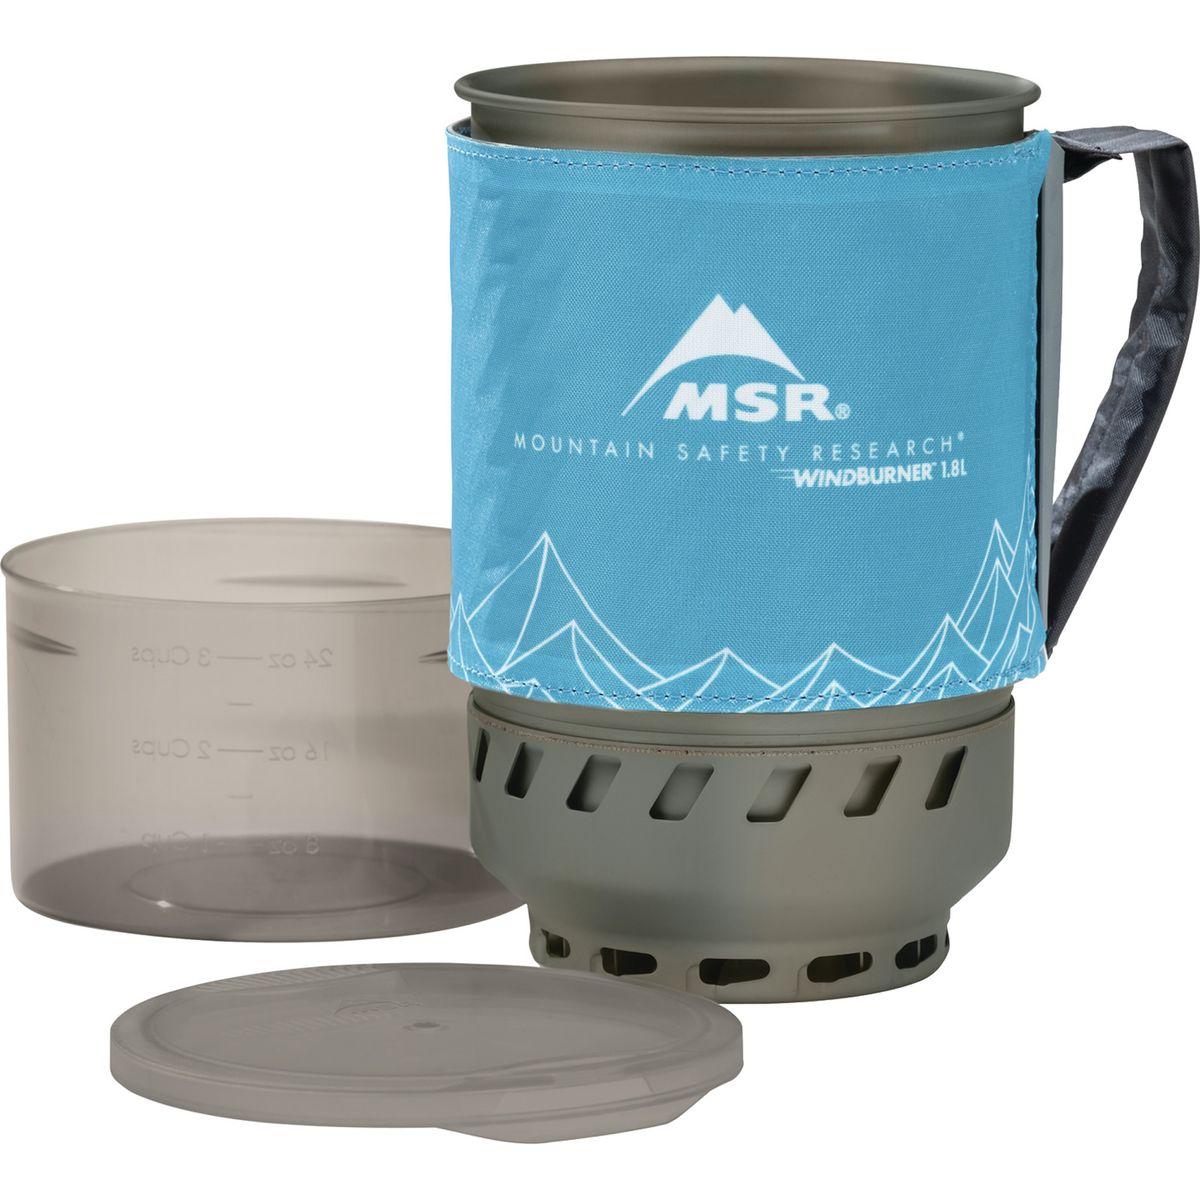 MSR WindBurner Duo Accessory Pot